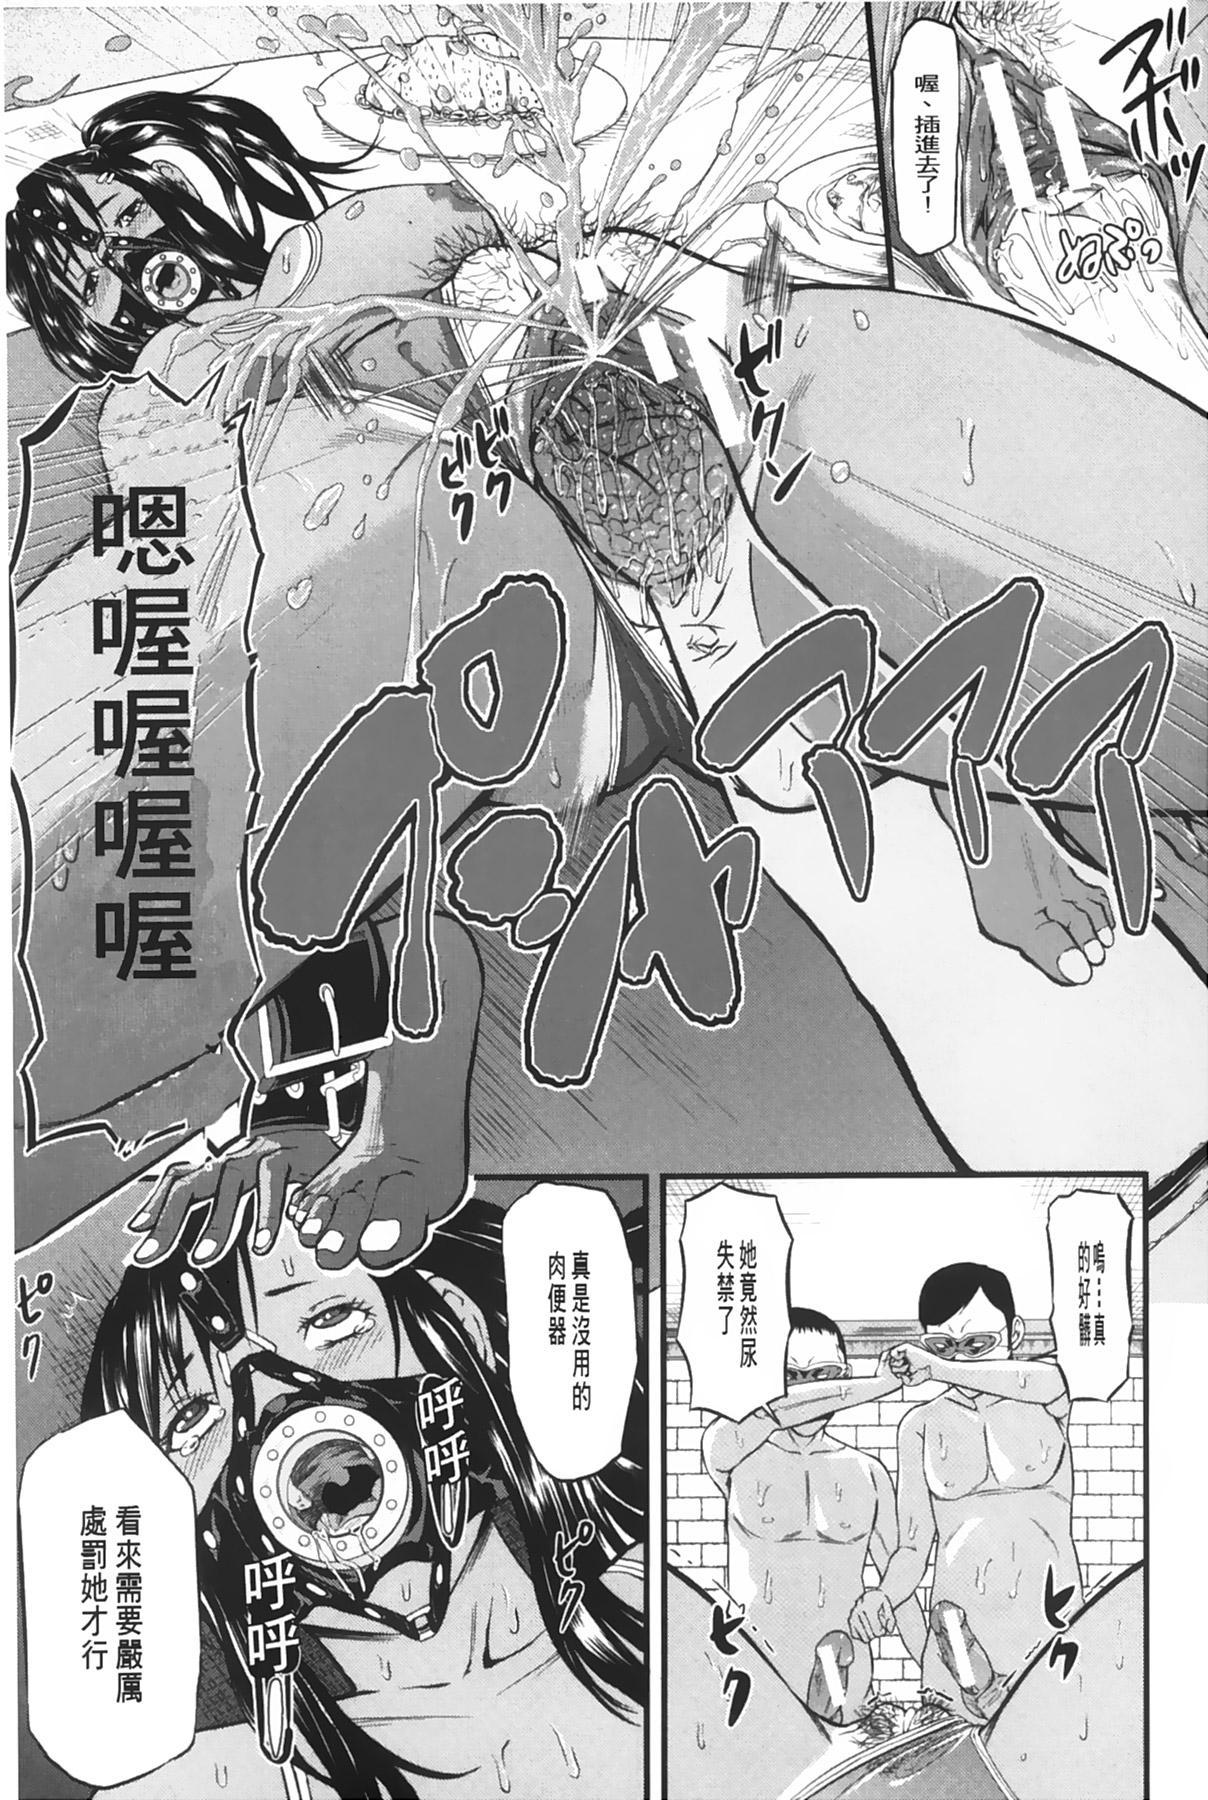 [Honebuto Danshaku] Onna Jigoku Niku no Tsubo~Hentai Rui Inran Ka Mesu Buta Ichidaiki~ | 女地獄、肉之壺 ~変態類淫乱科淫母豬一代記~ [Chinese] 179